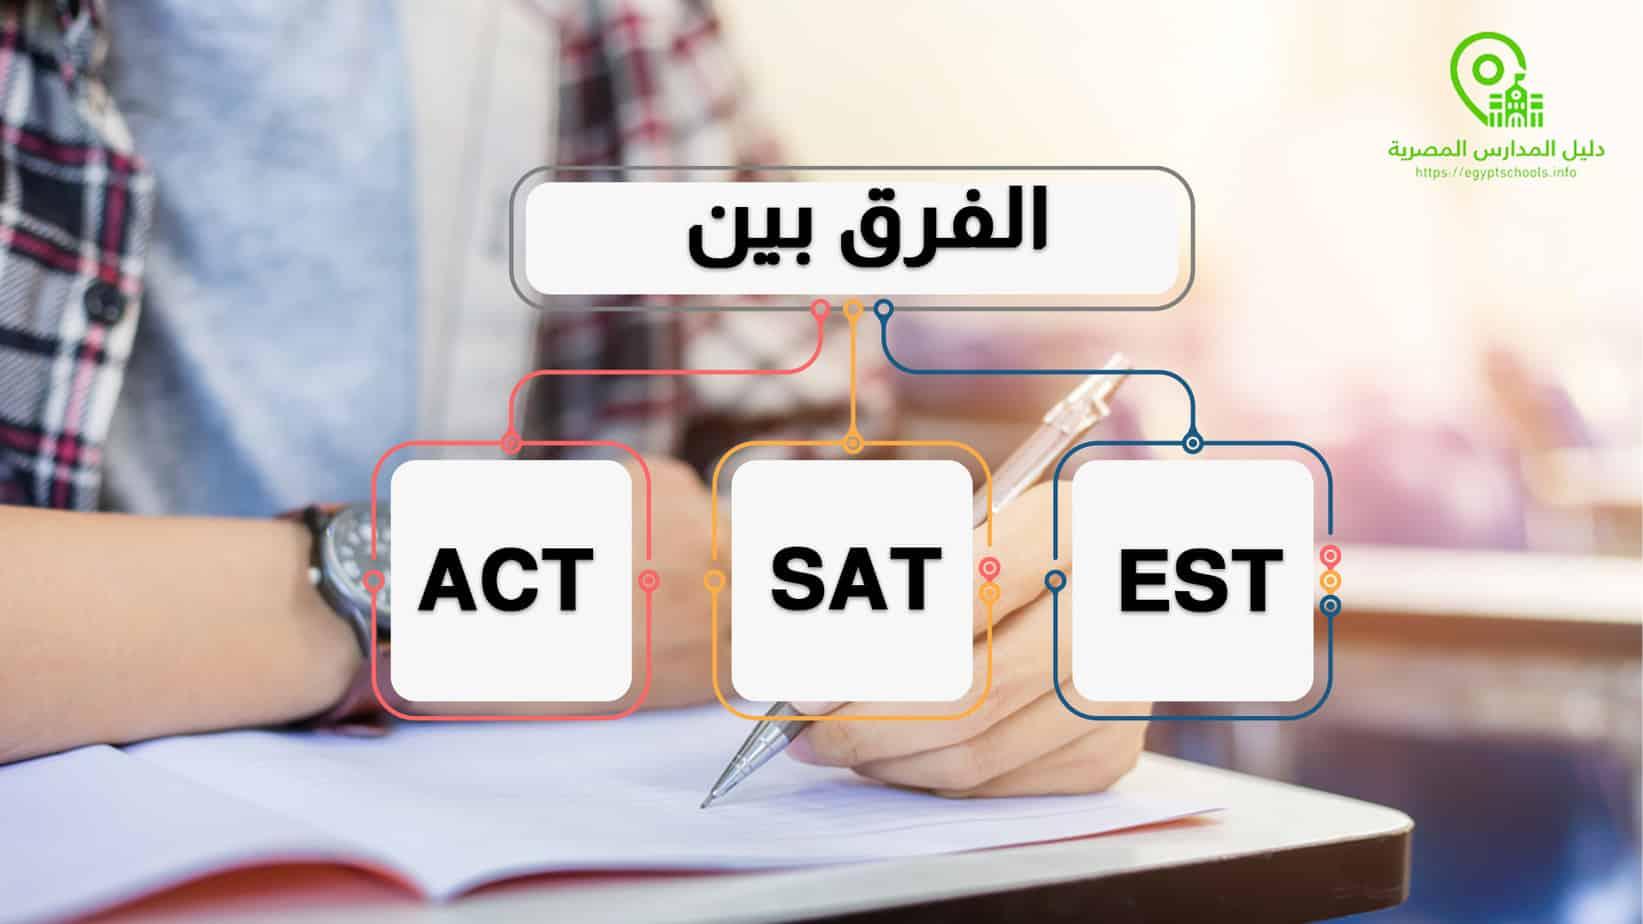 الفرق بين SAT و ACT و EST